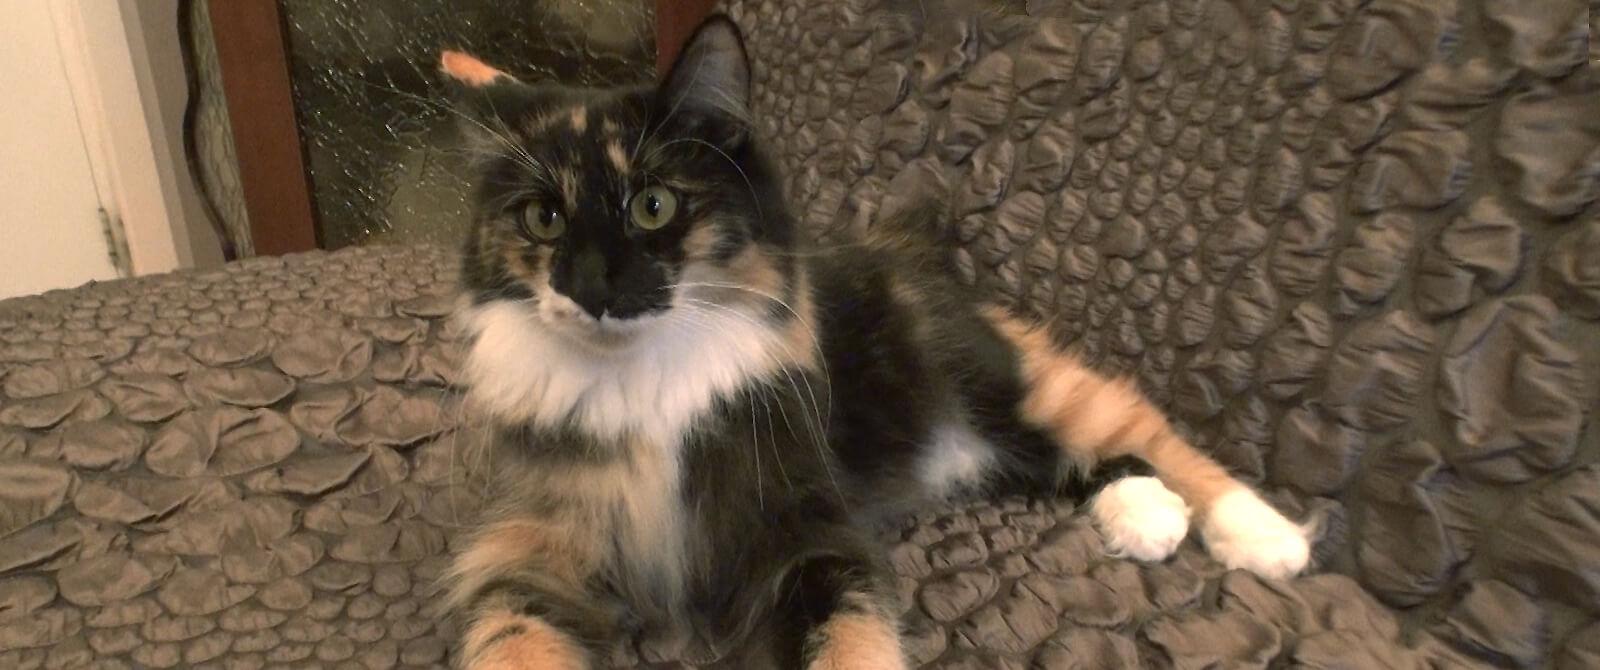 Kurilų bobteilų veislės katė